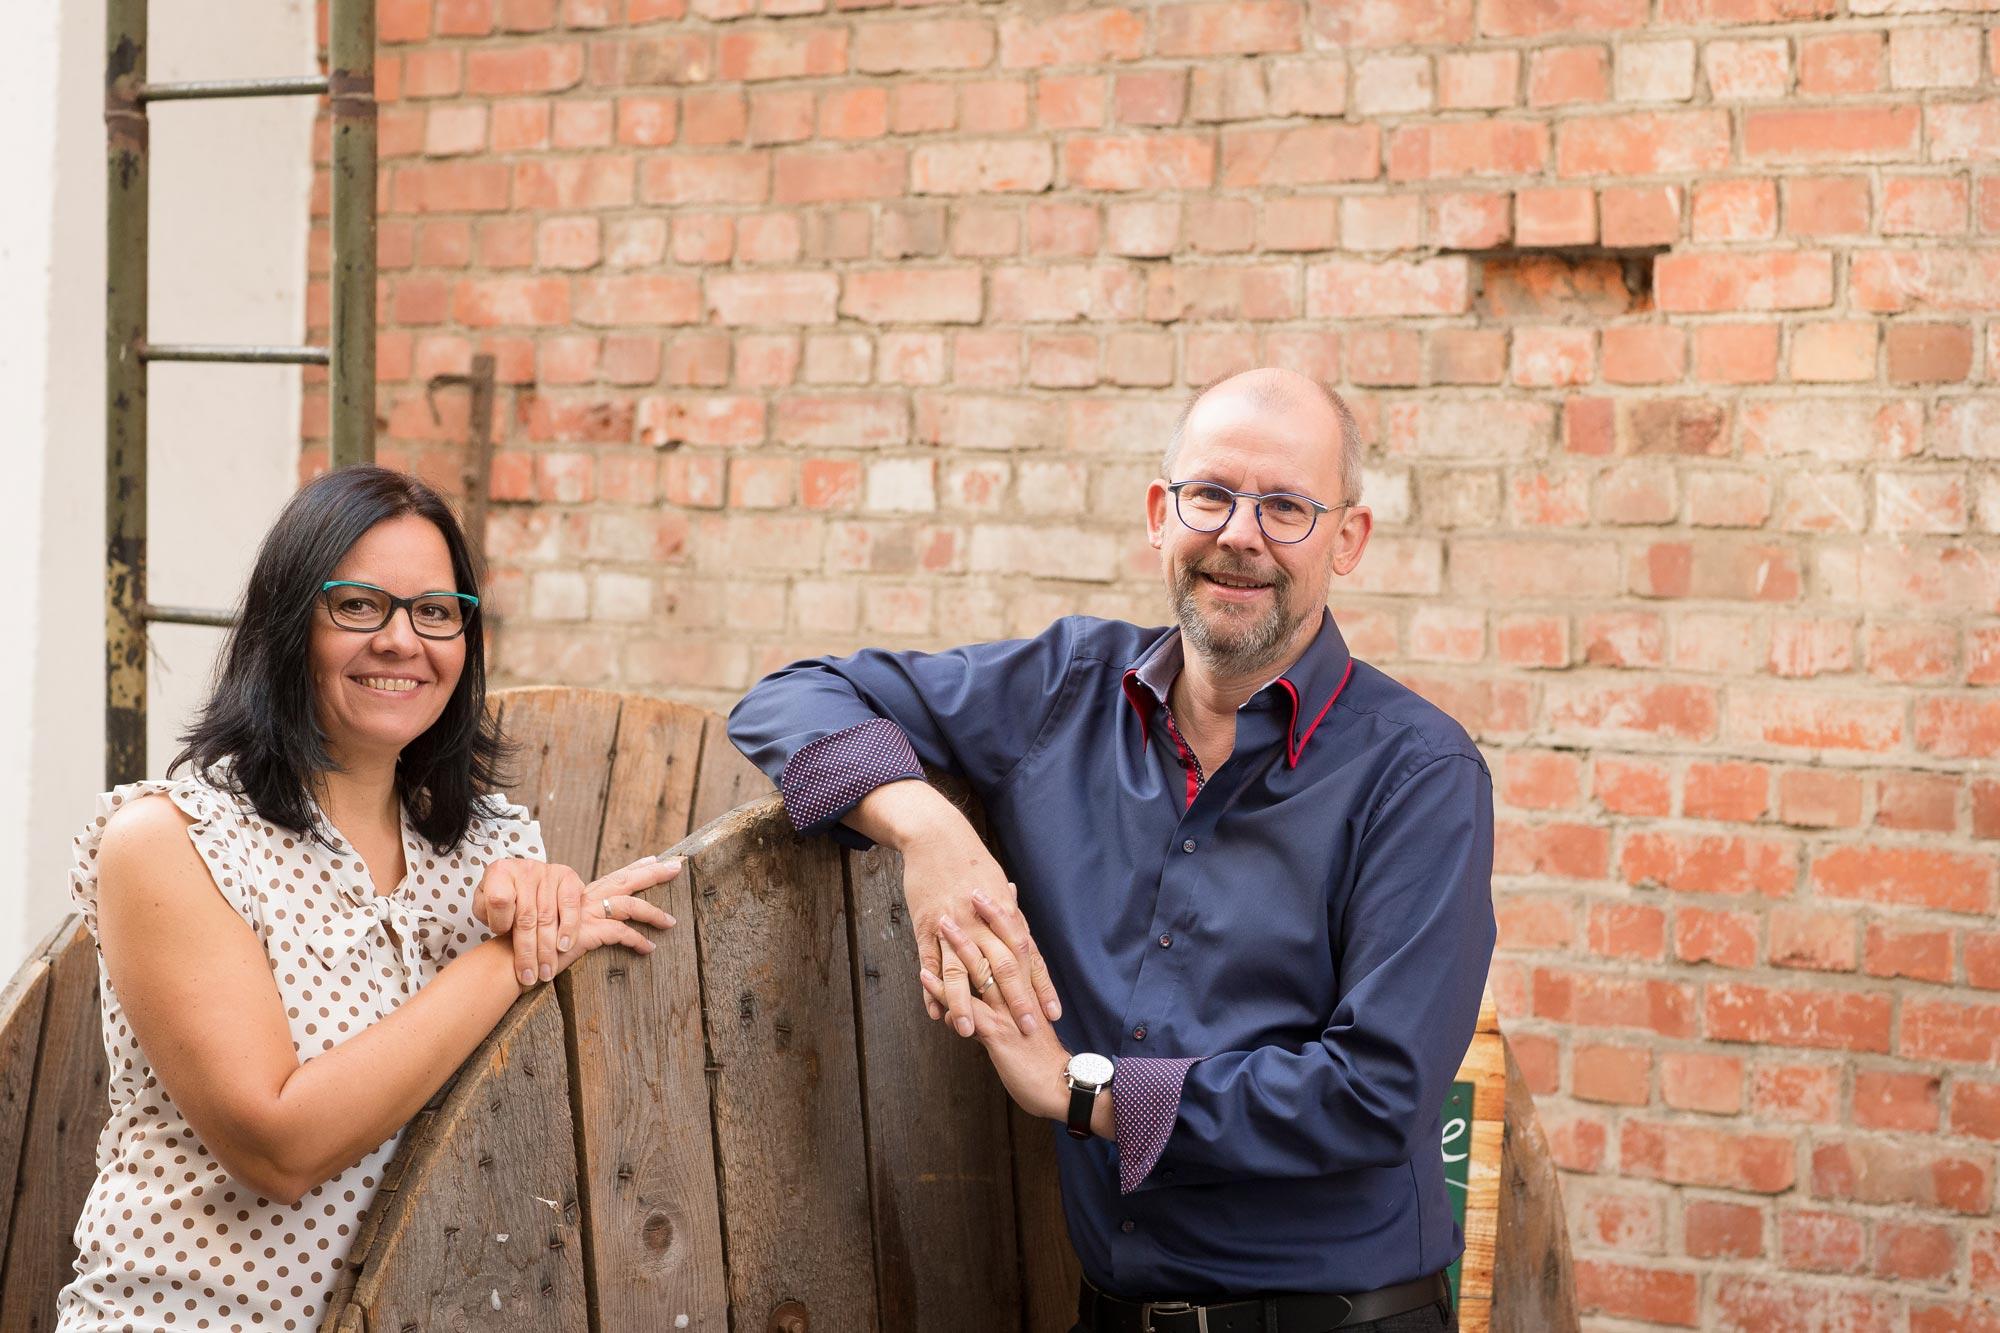 Katja Ellner und Ralf Baumgarten von Optik Sagawe in Rostock haben Freude am Sehen